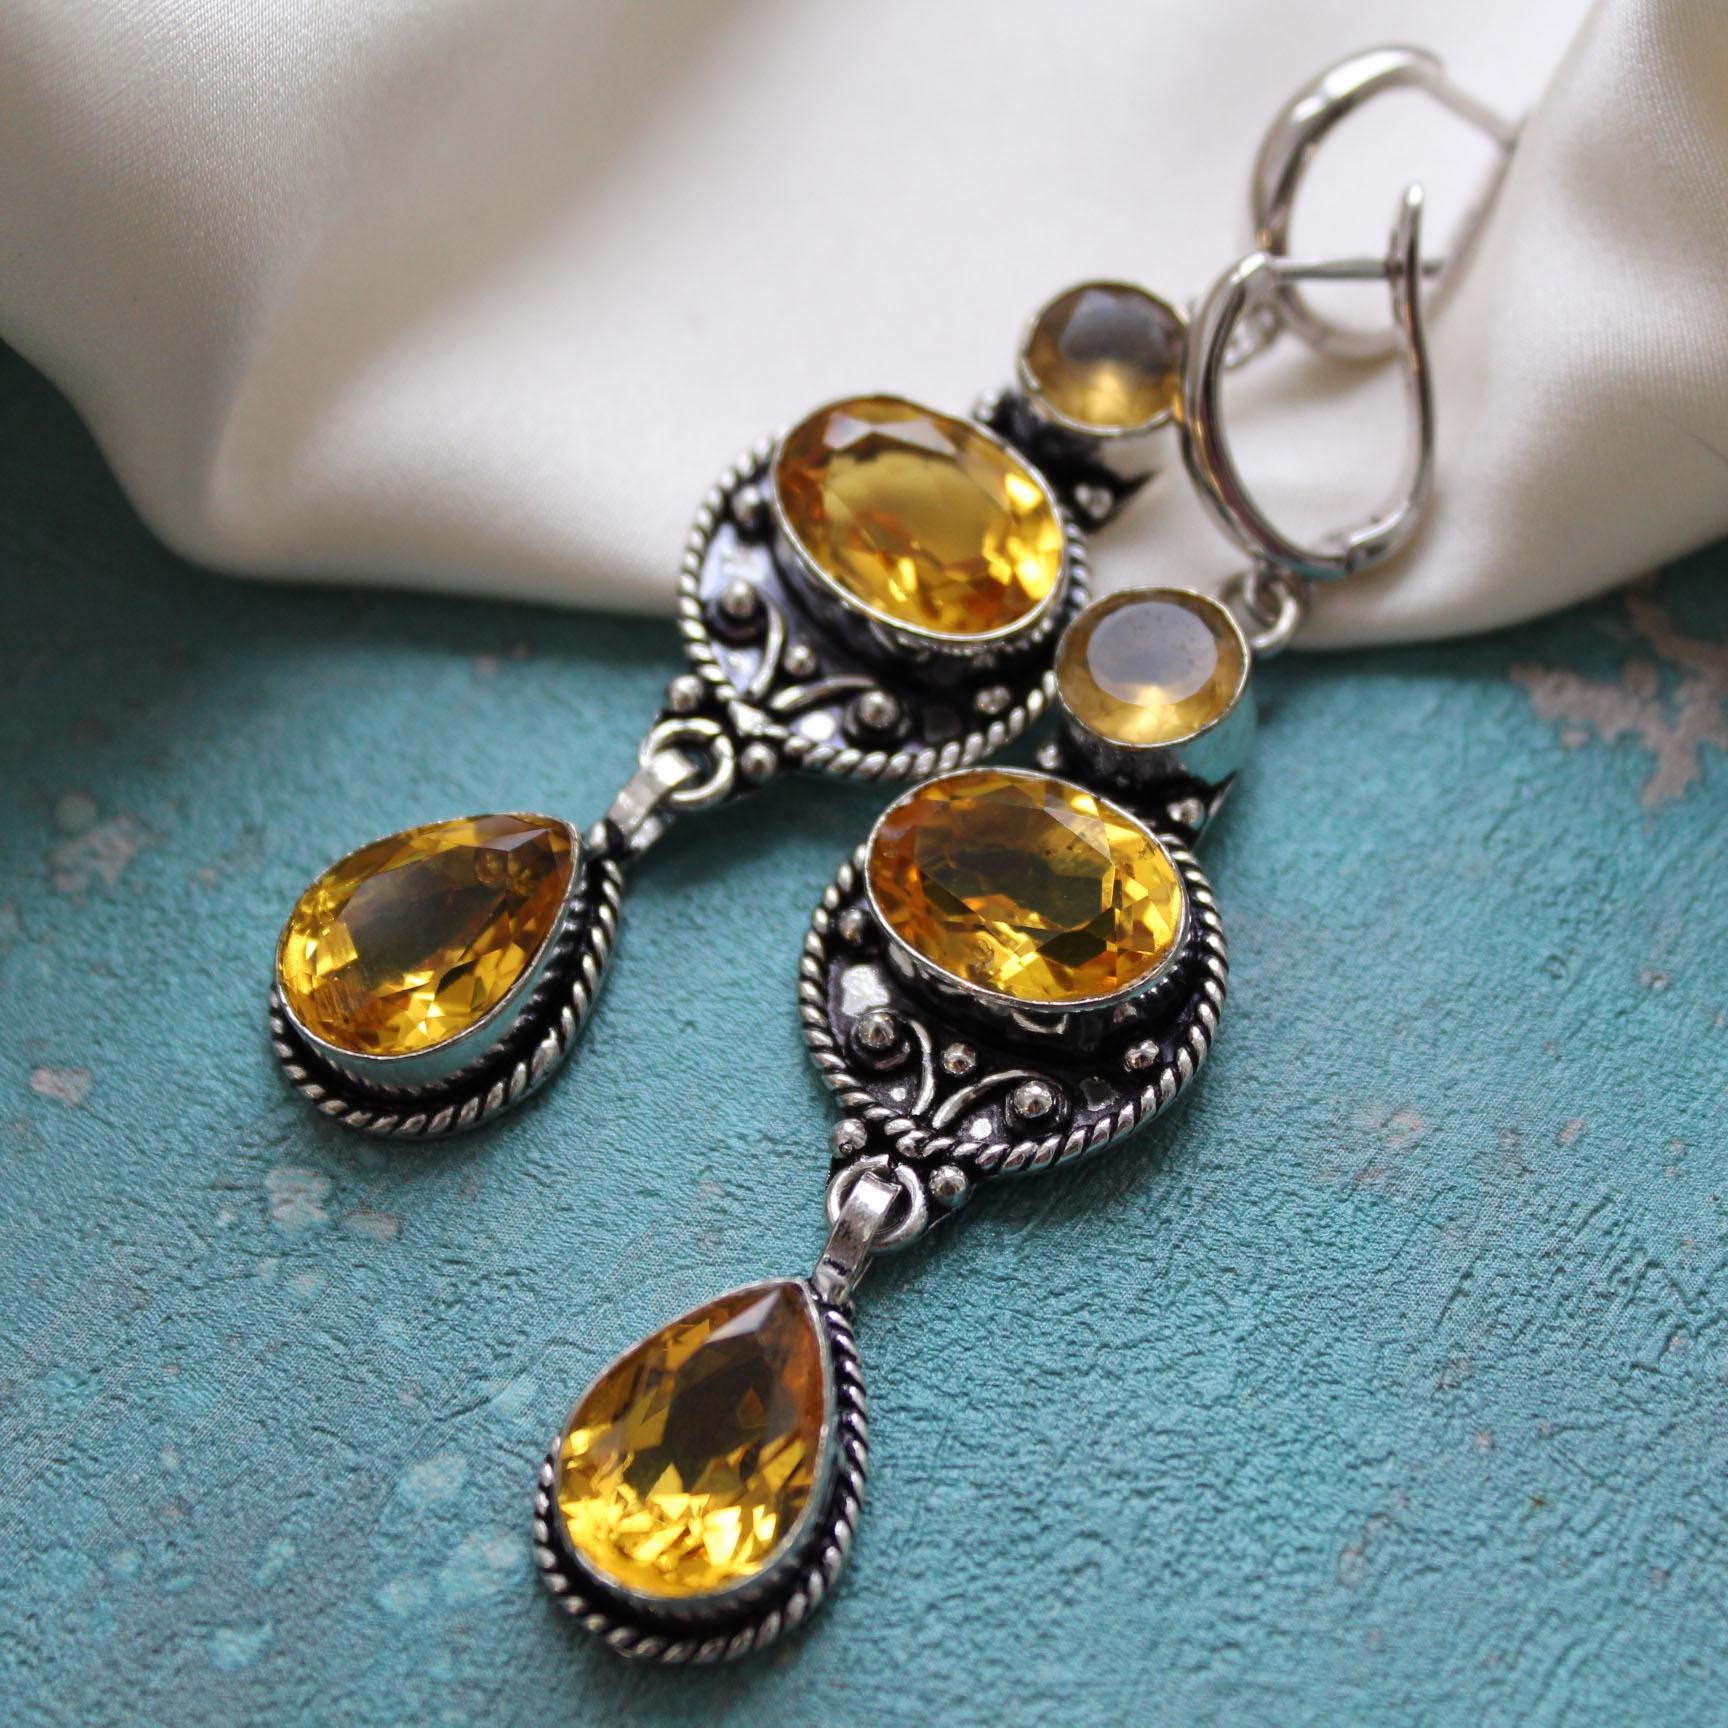 Элитные ювелирные украшения из золота - Ювелирные изделия